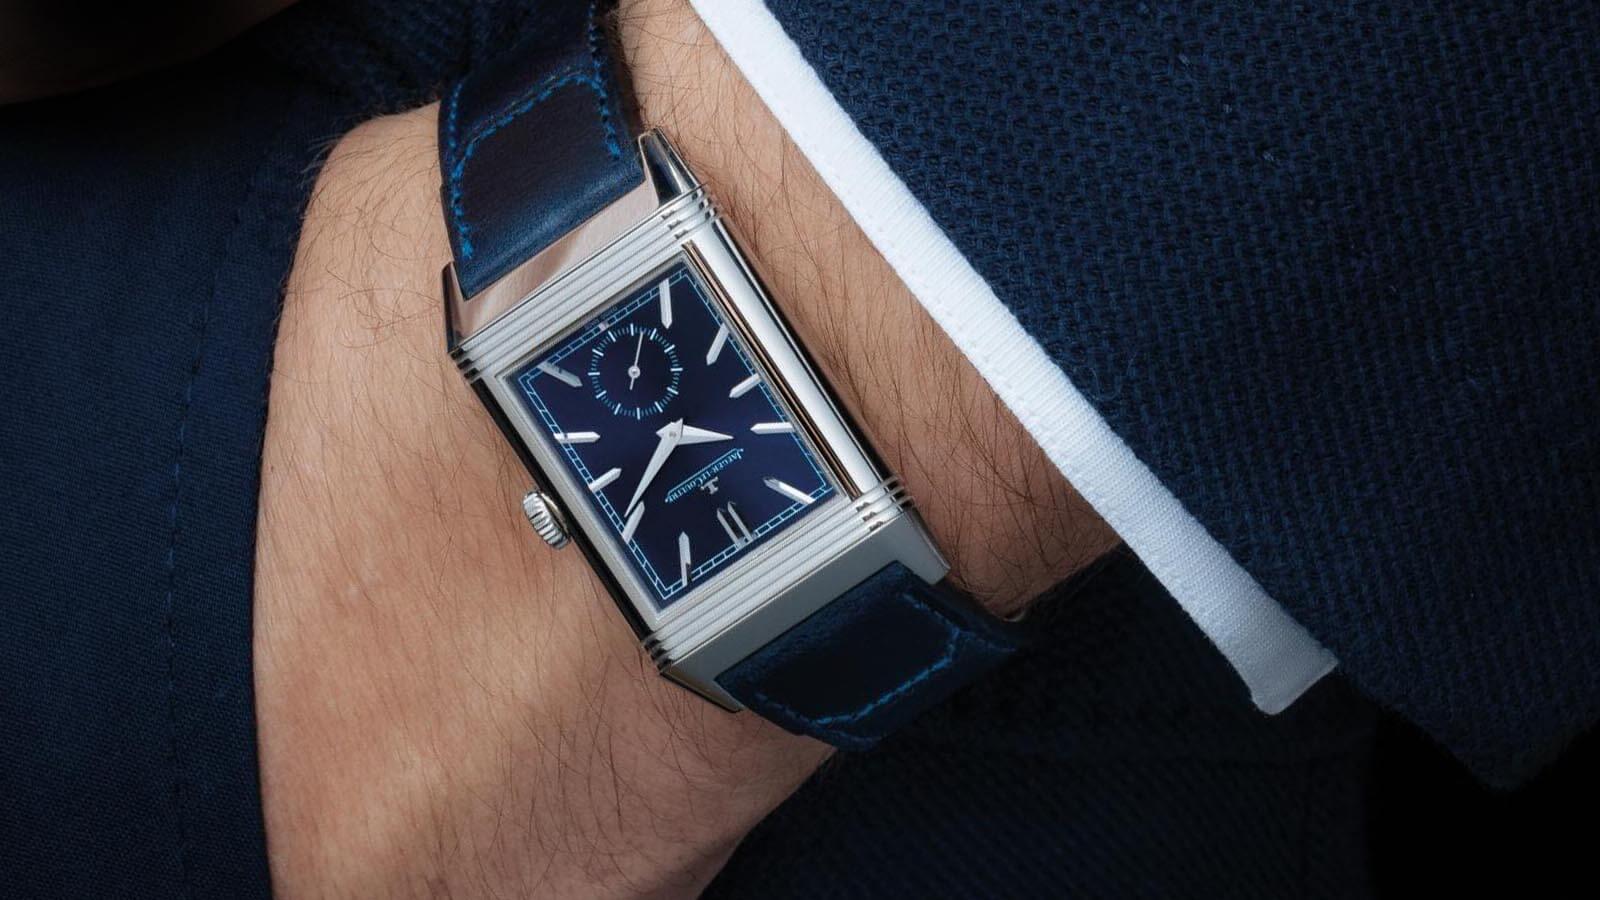 Elegante Uhr von Jaeger-LeCoultre, die auf jeder Seite eine eigene Zeitzone anzeigen kann